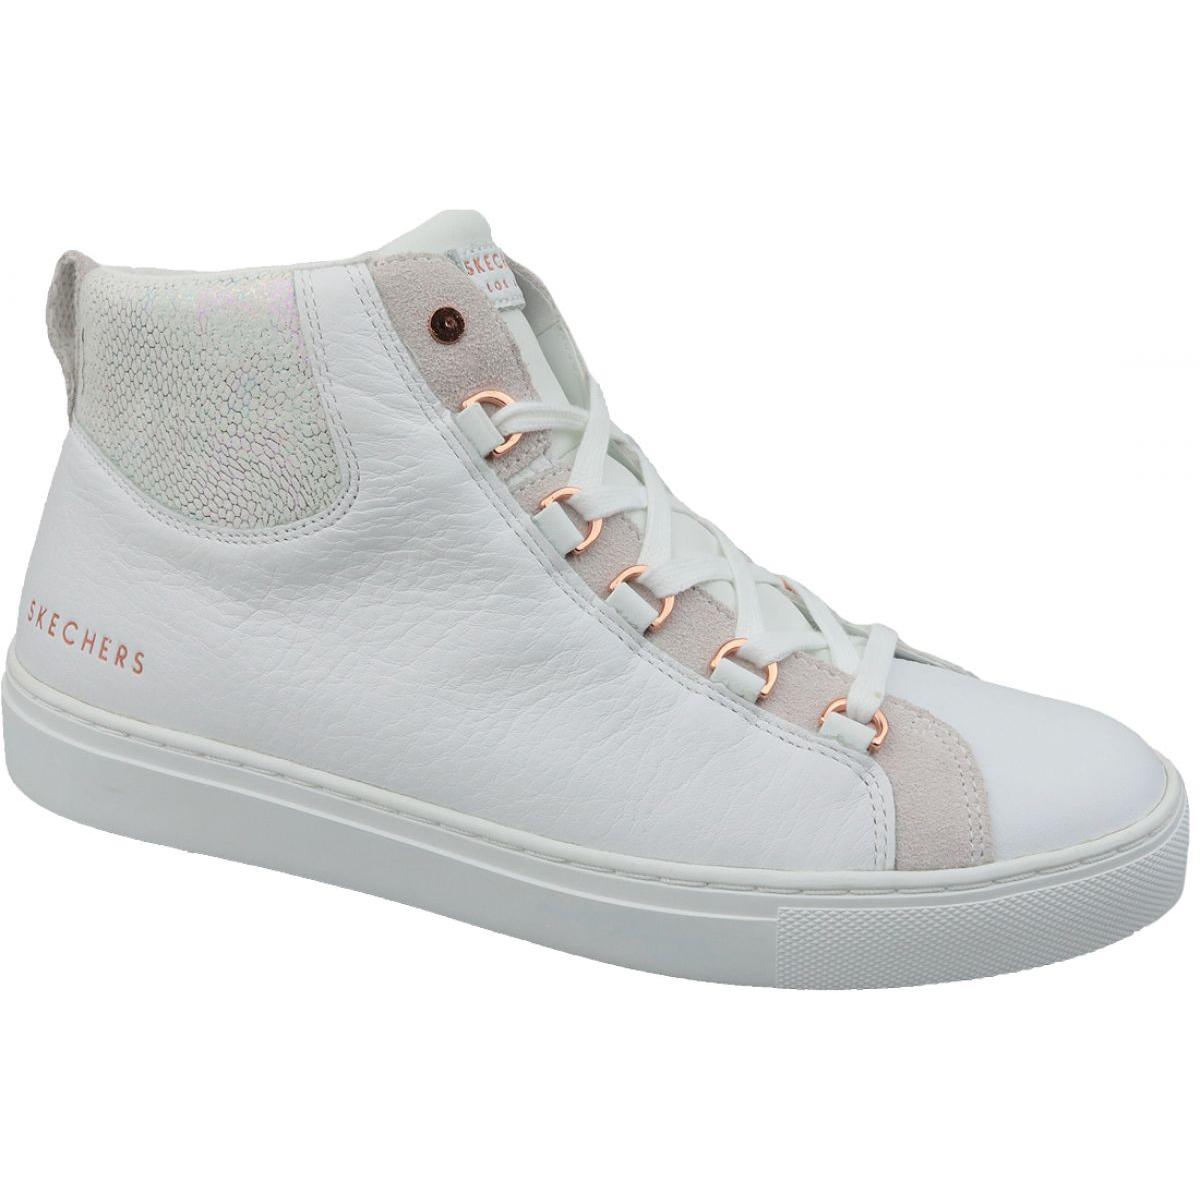 Skechers Side Street Core-Set Hi W